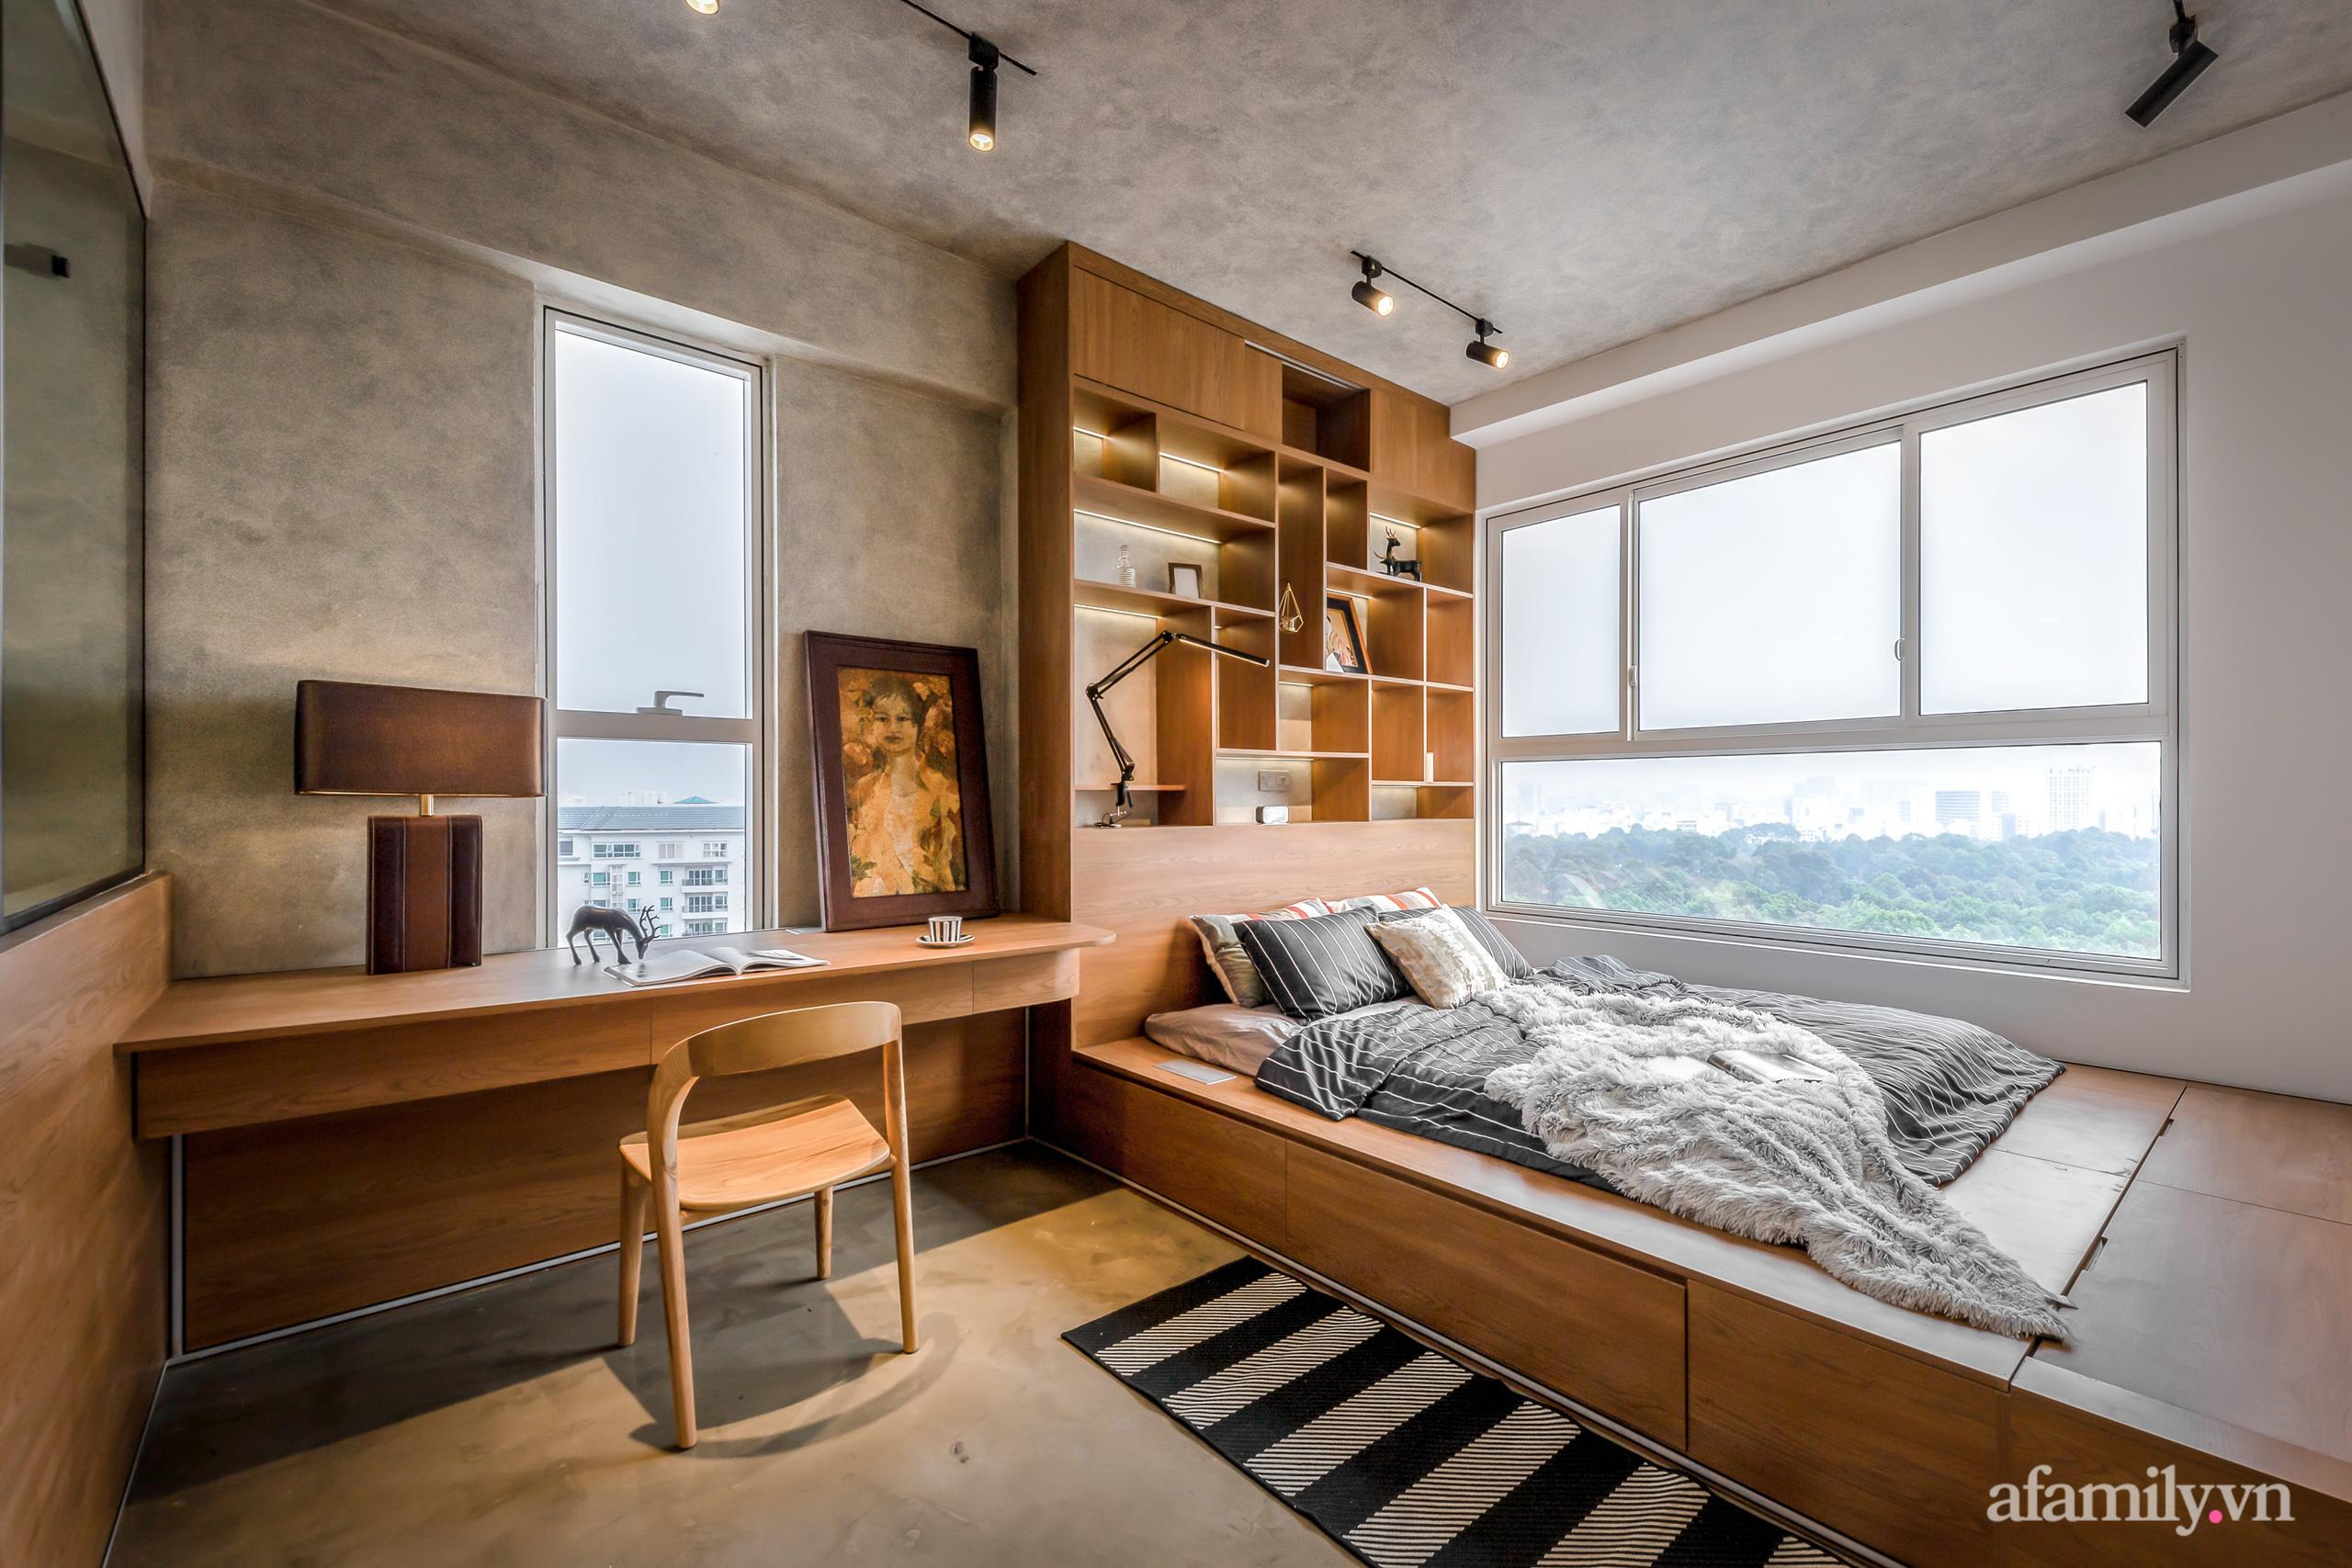 Căn hộ 106m² đẹp cá tính với hiệu ứng bê tông cùng phong cách tối giản có chi phí hoàn thiện 950 triệu đồng ở Sài Gòn - Ảnh 19.